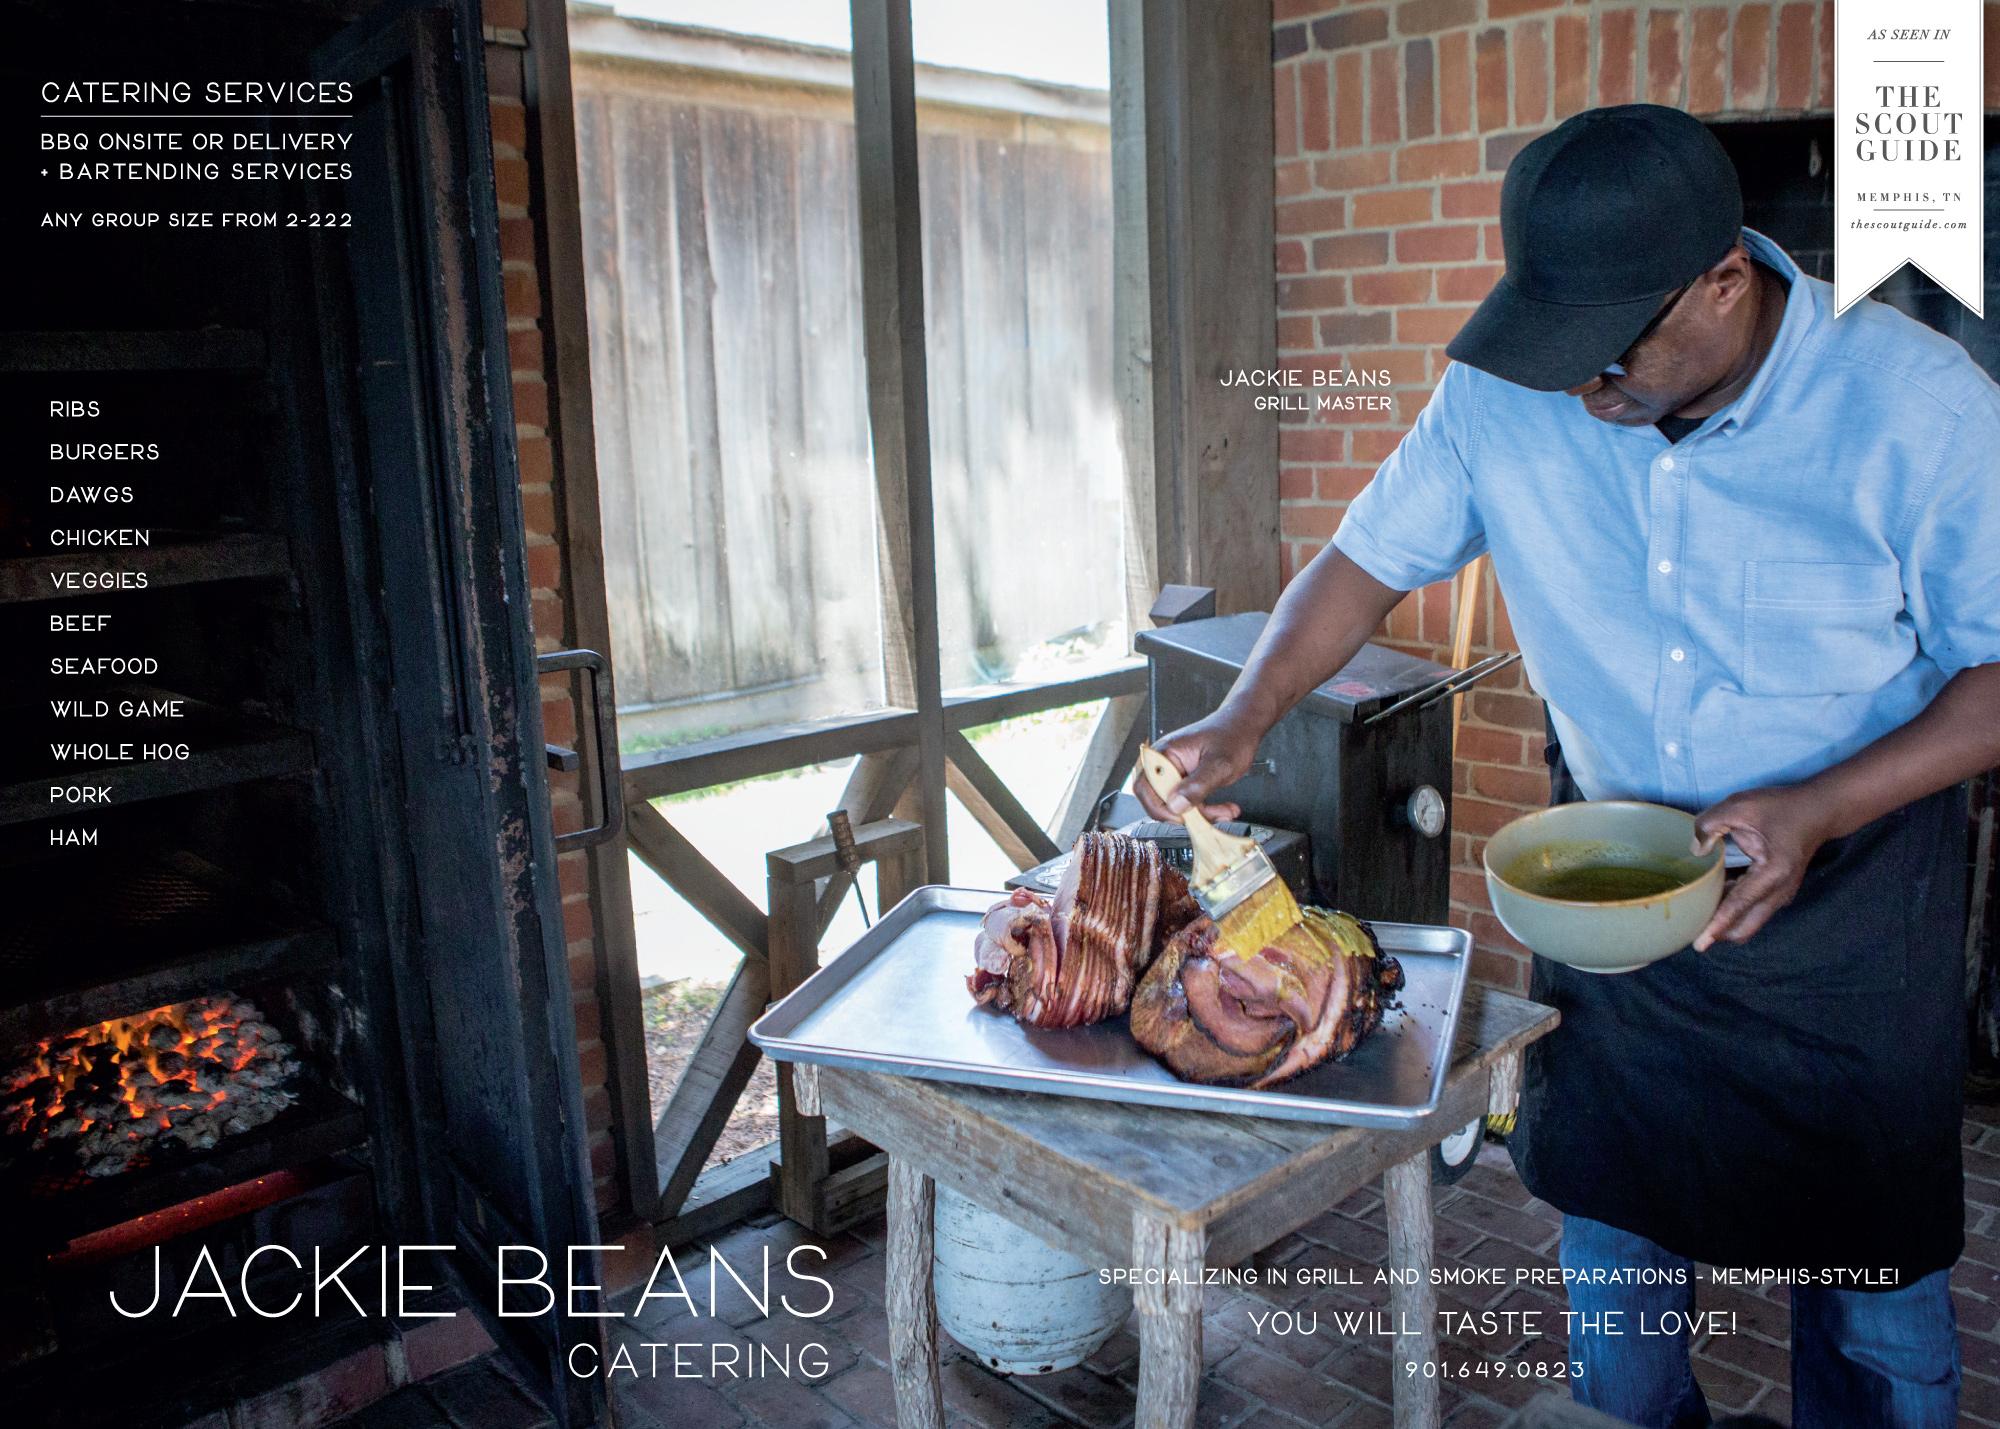 JackieBeans_MemphisV3_AsSeenIn.jpg